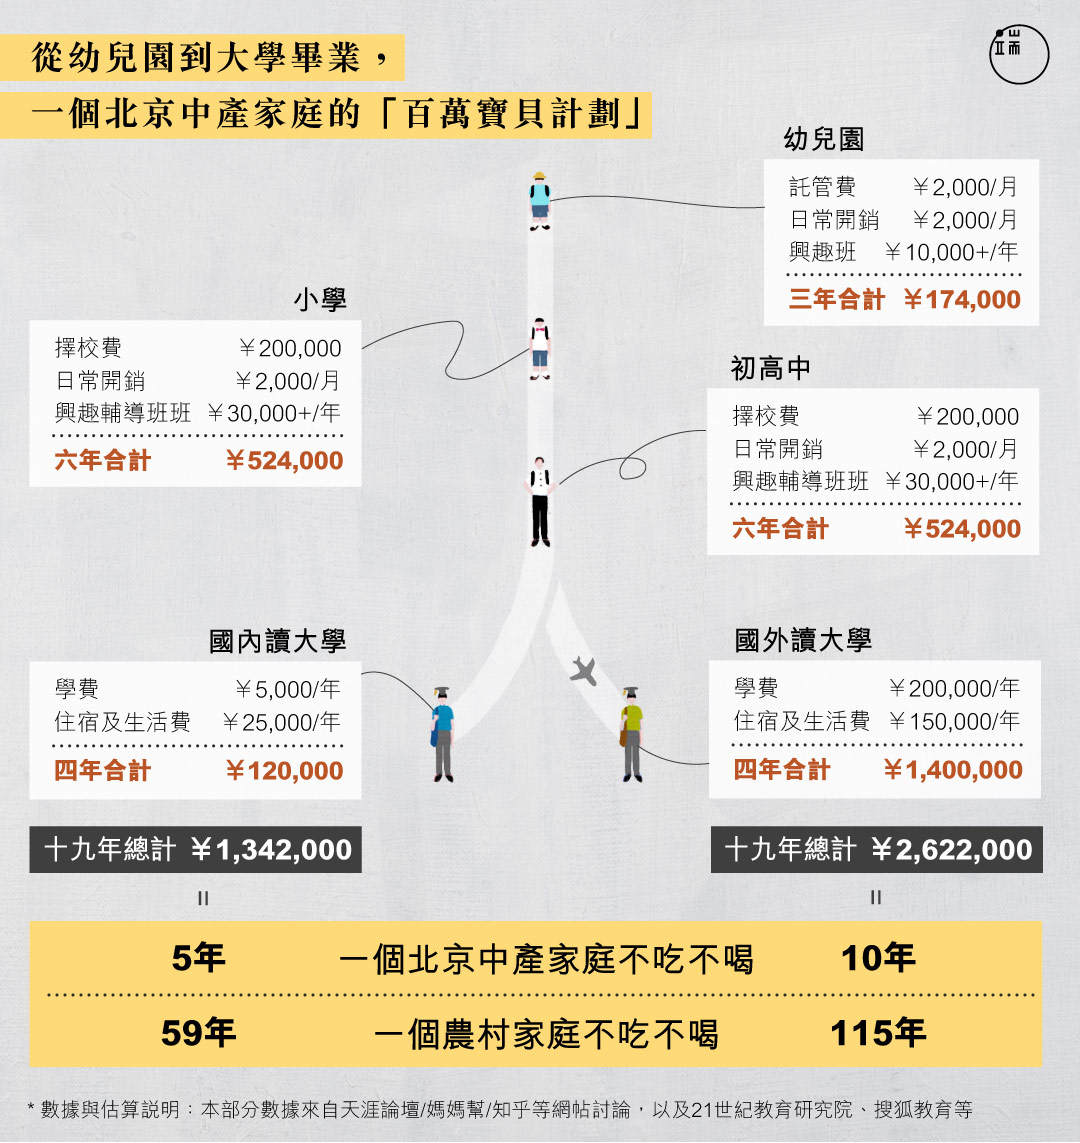 在中國的首都,一個普通中產家庭,為一個孩子付出的教育成本有多高?